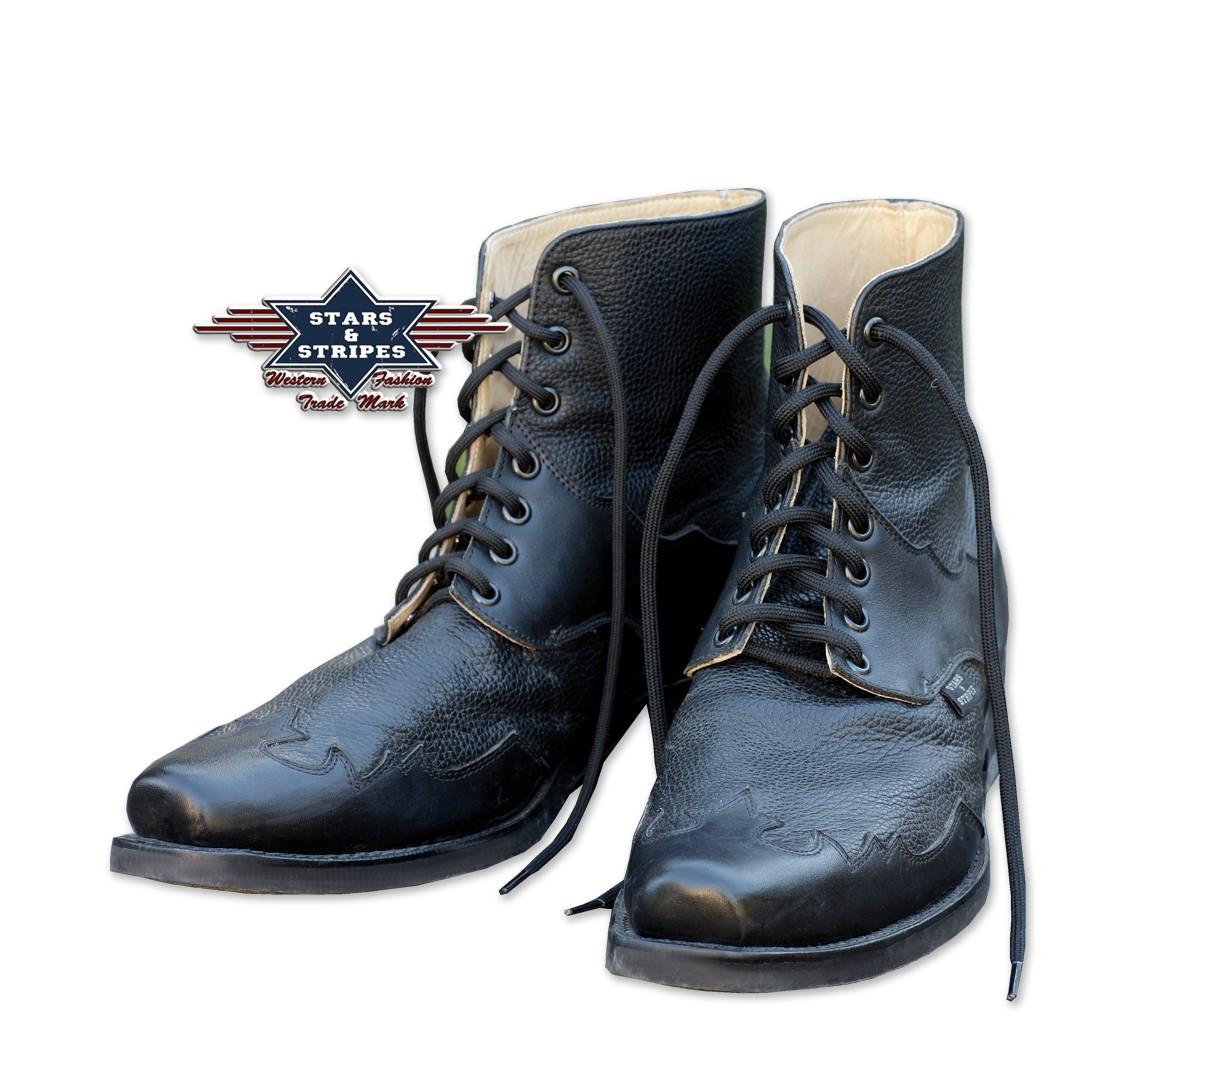 Stars & Stripes Western-Boots »HENDERSON« Schwarz